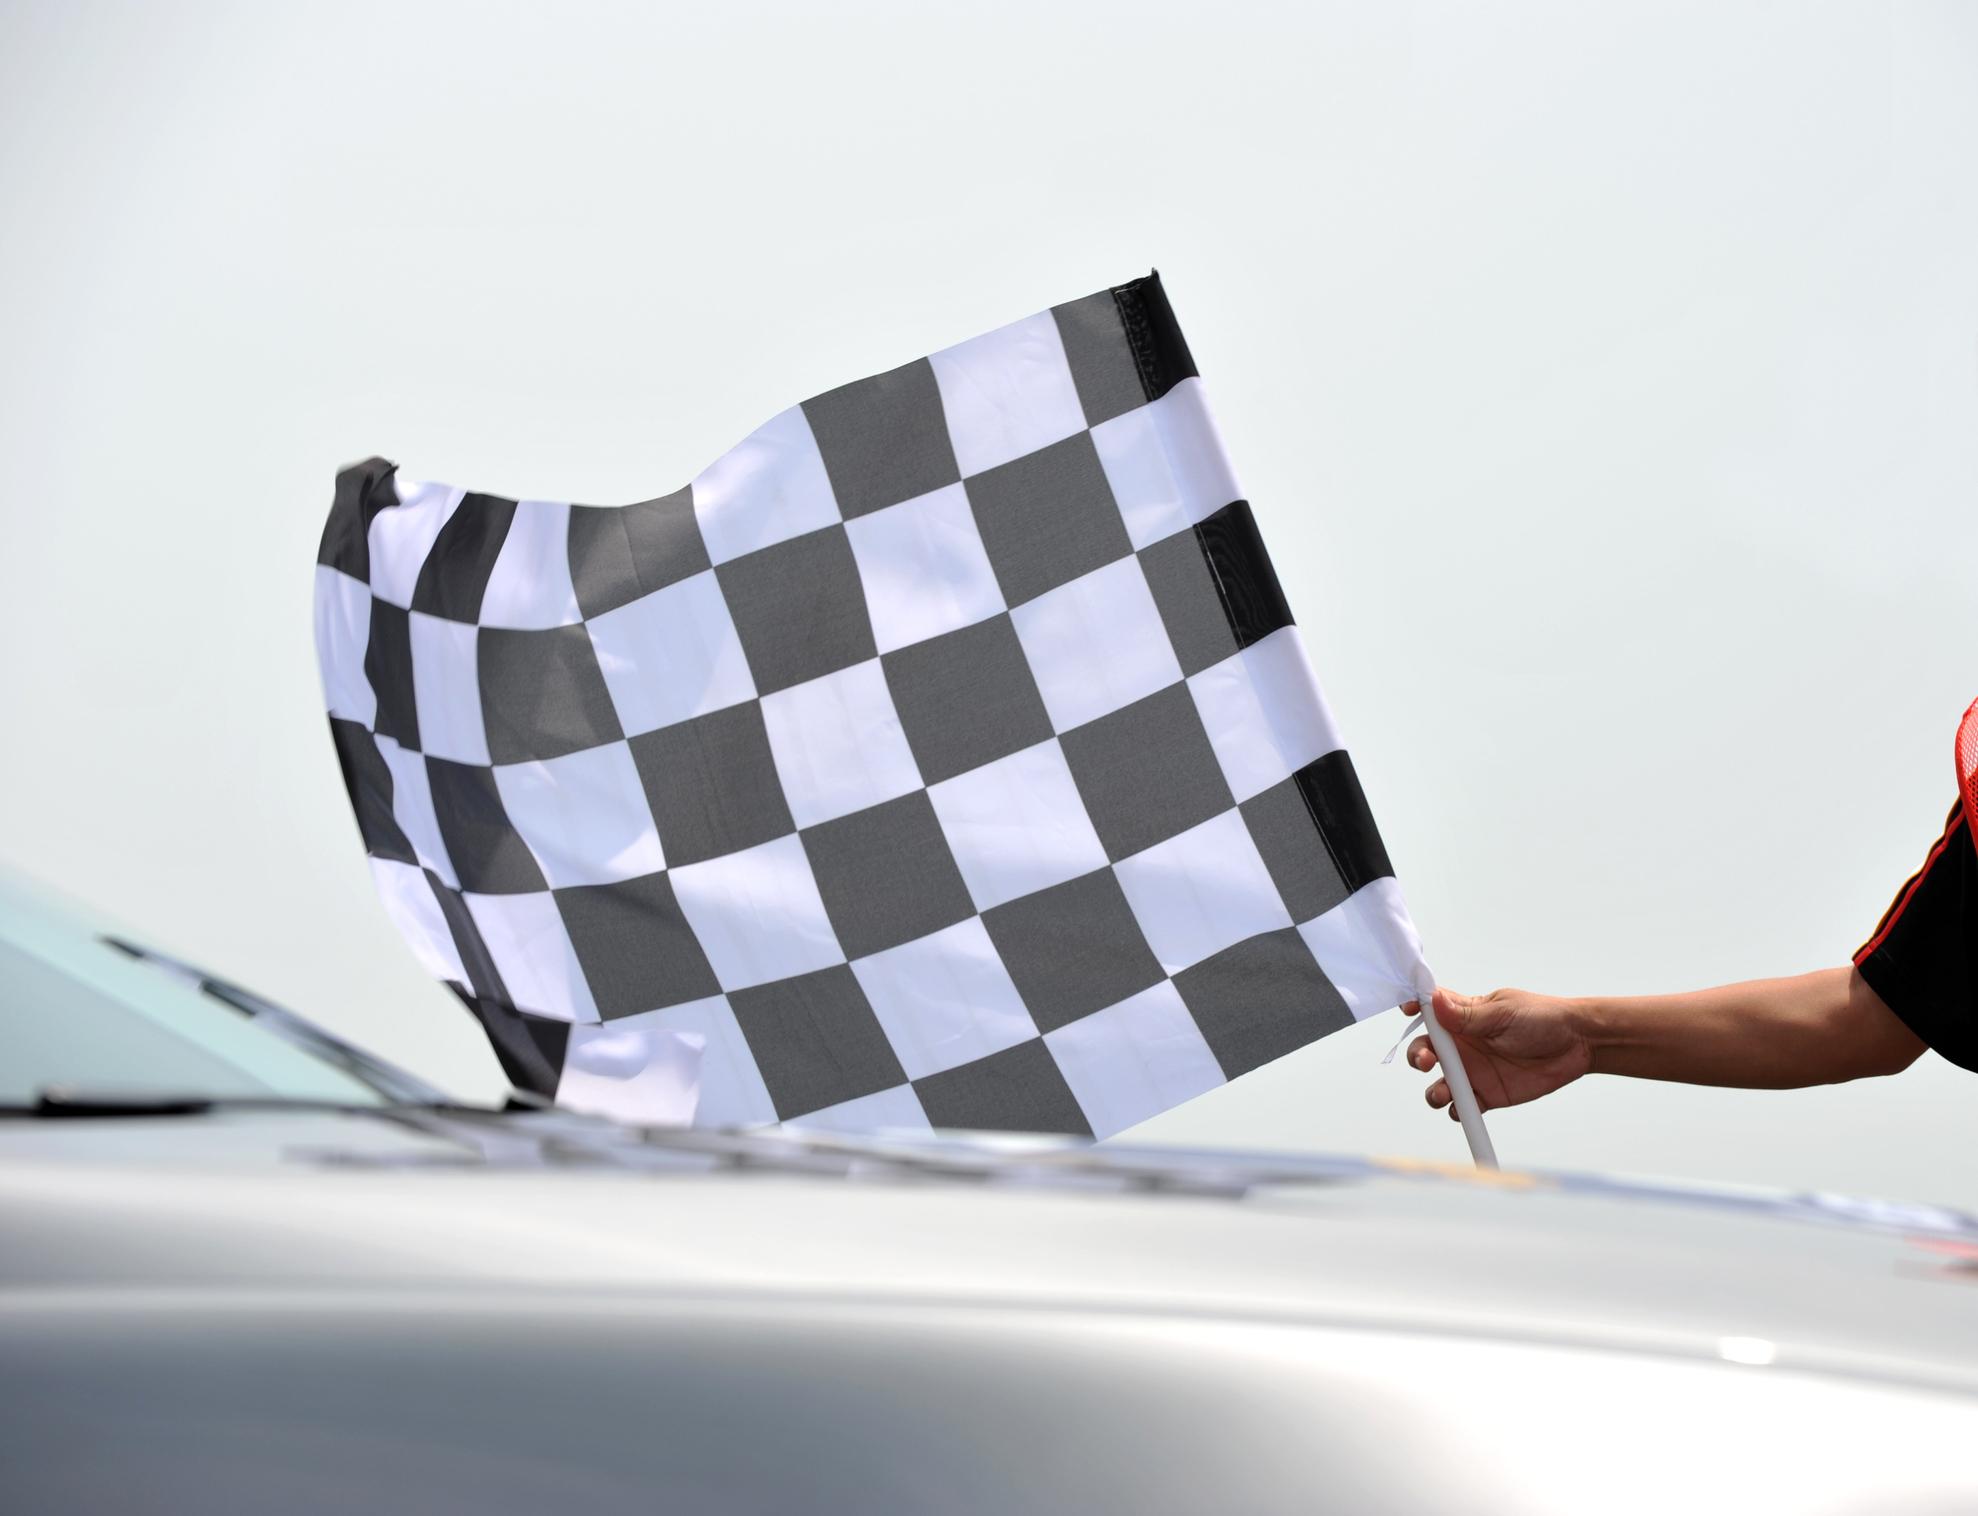 A person holding a checkered flag near a car.